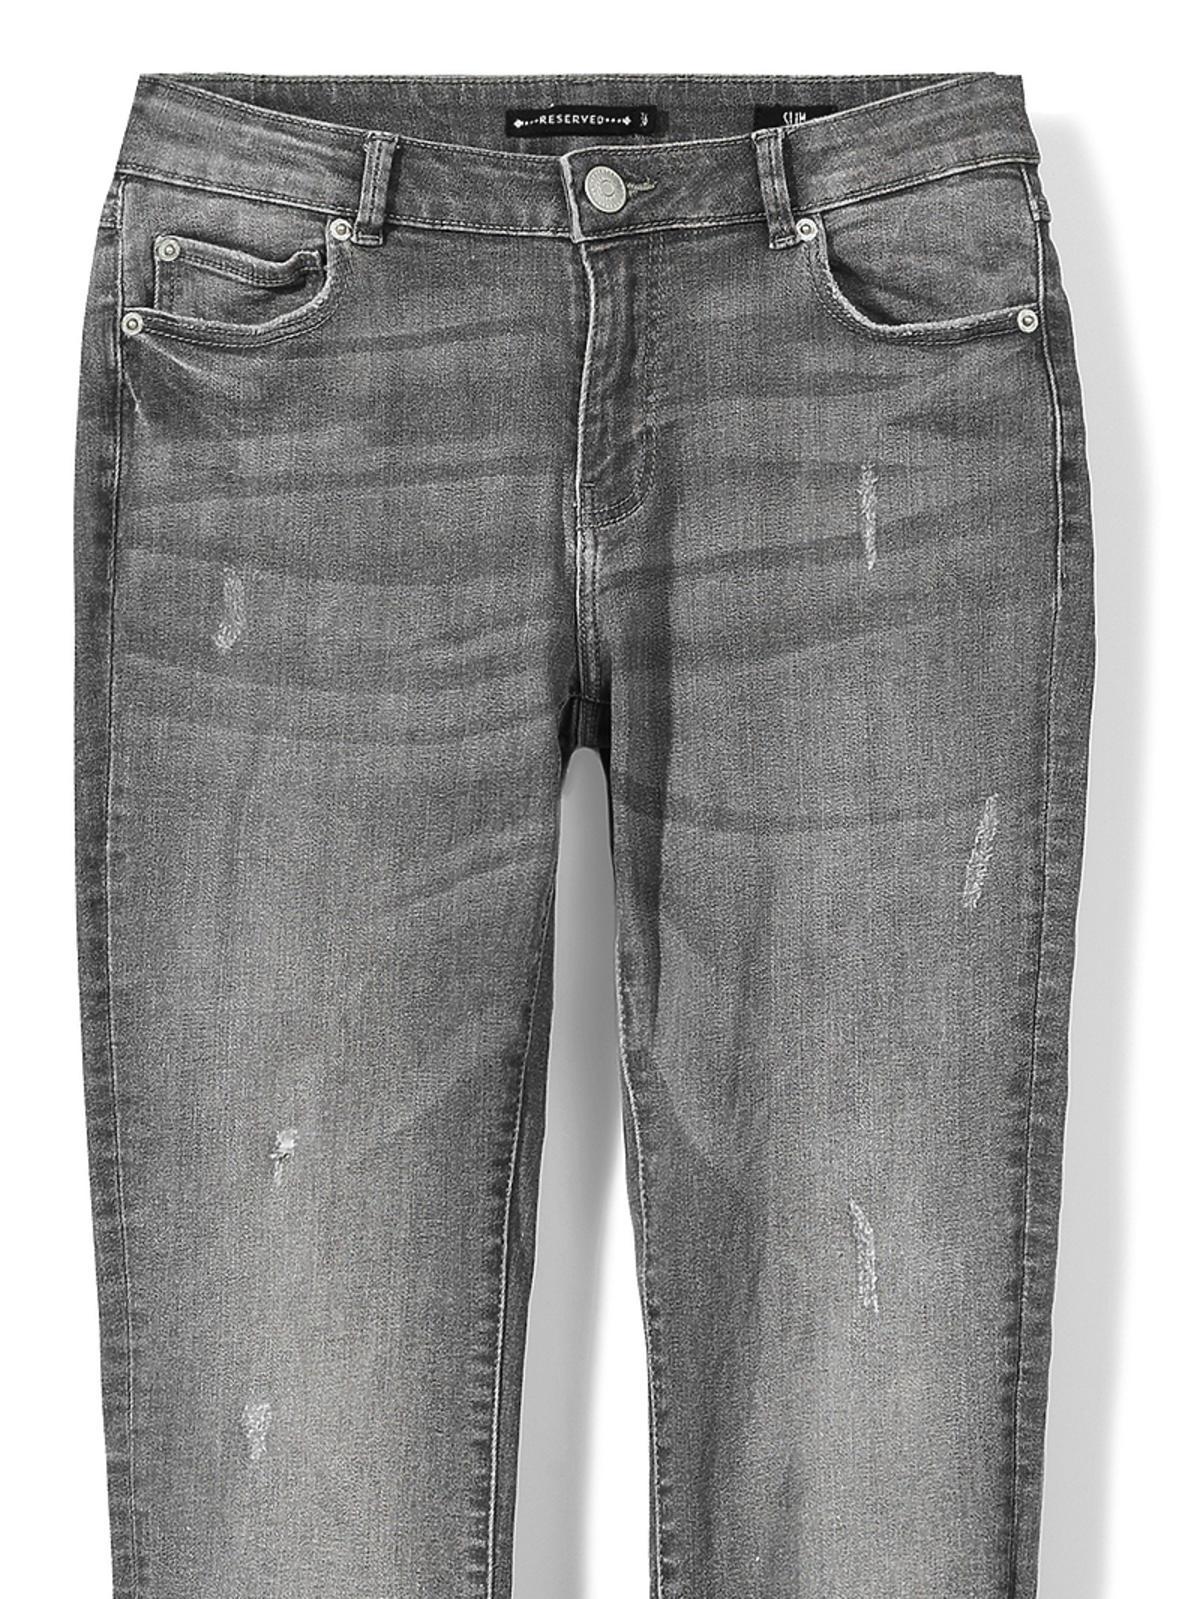 Dżinsy z postrzępionymi nogawkami - Reserved, 119 zł